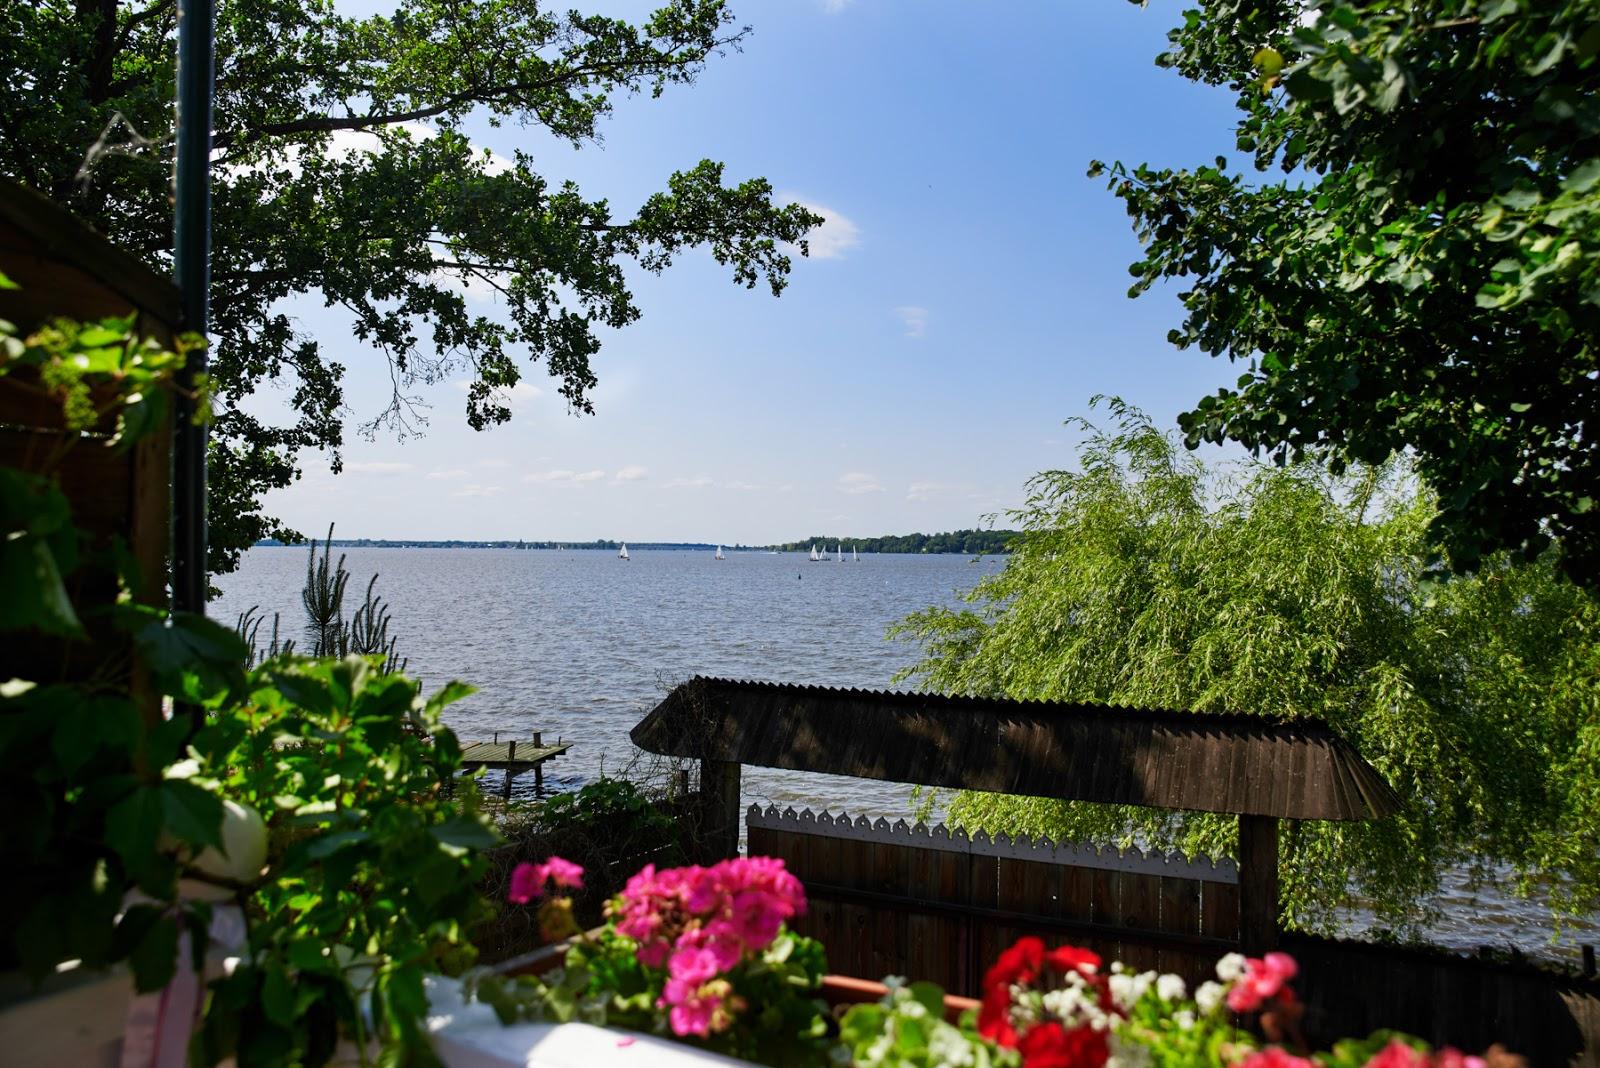 Folwark u Różyca nad jeziorom Zegrzynskim pod Warszaw